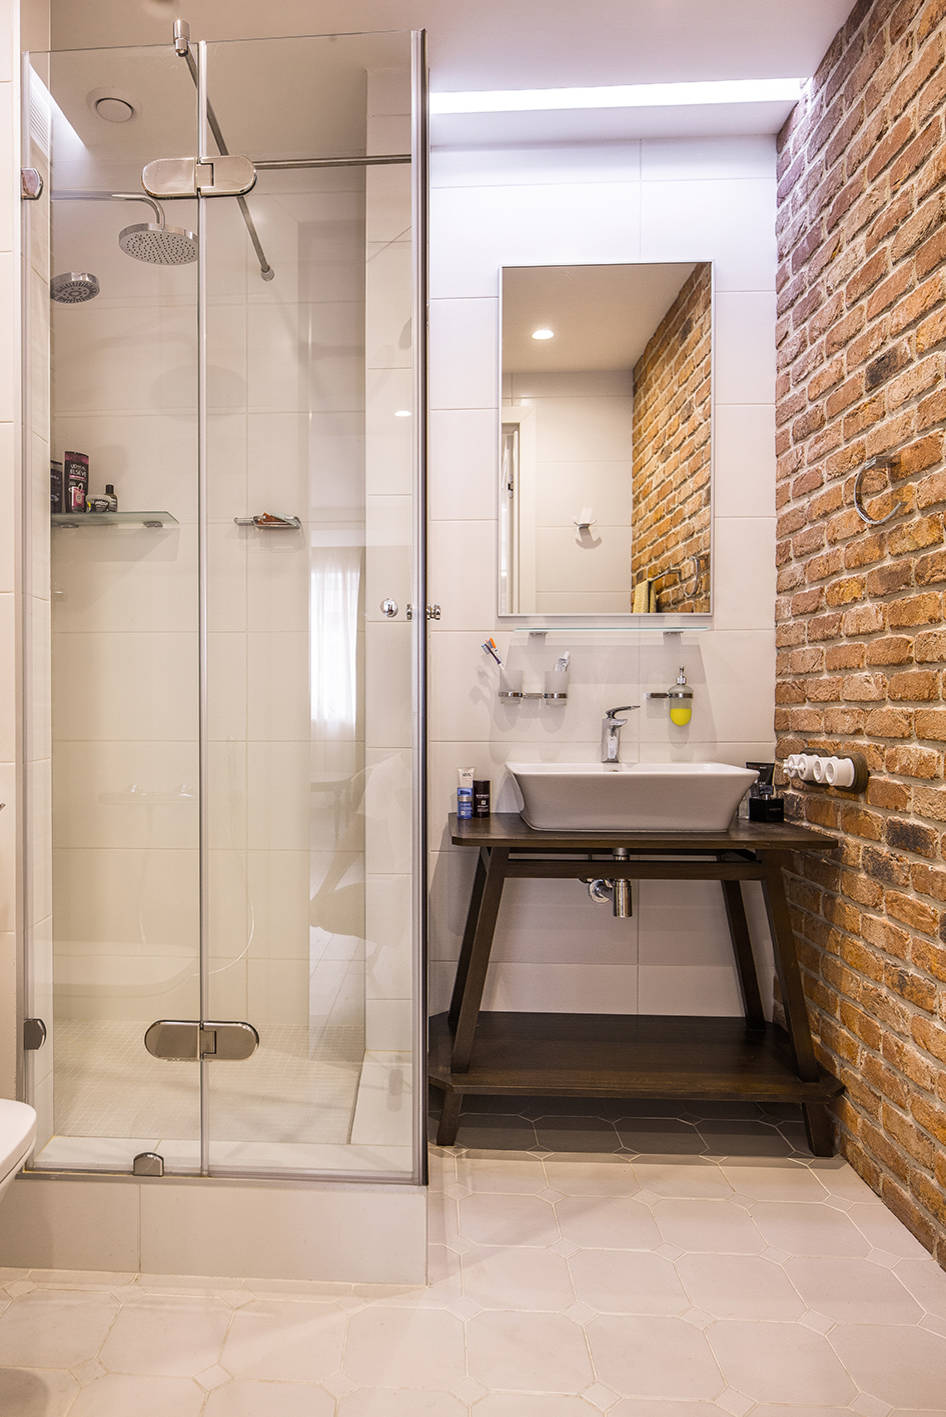 100 современных идей дизайна: душевые кабины в ванной